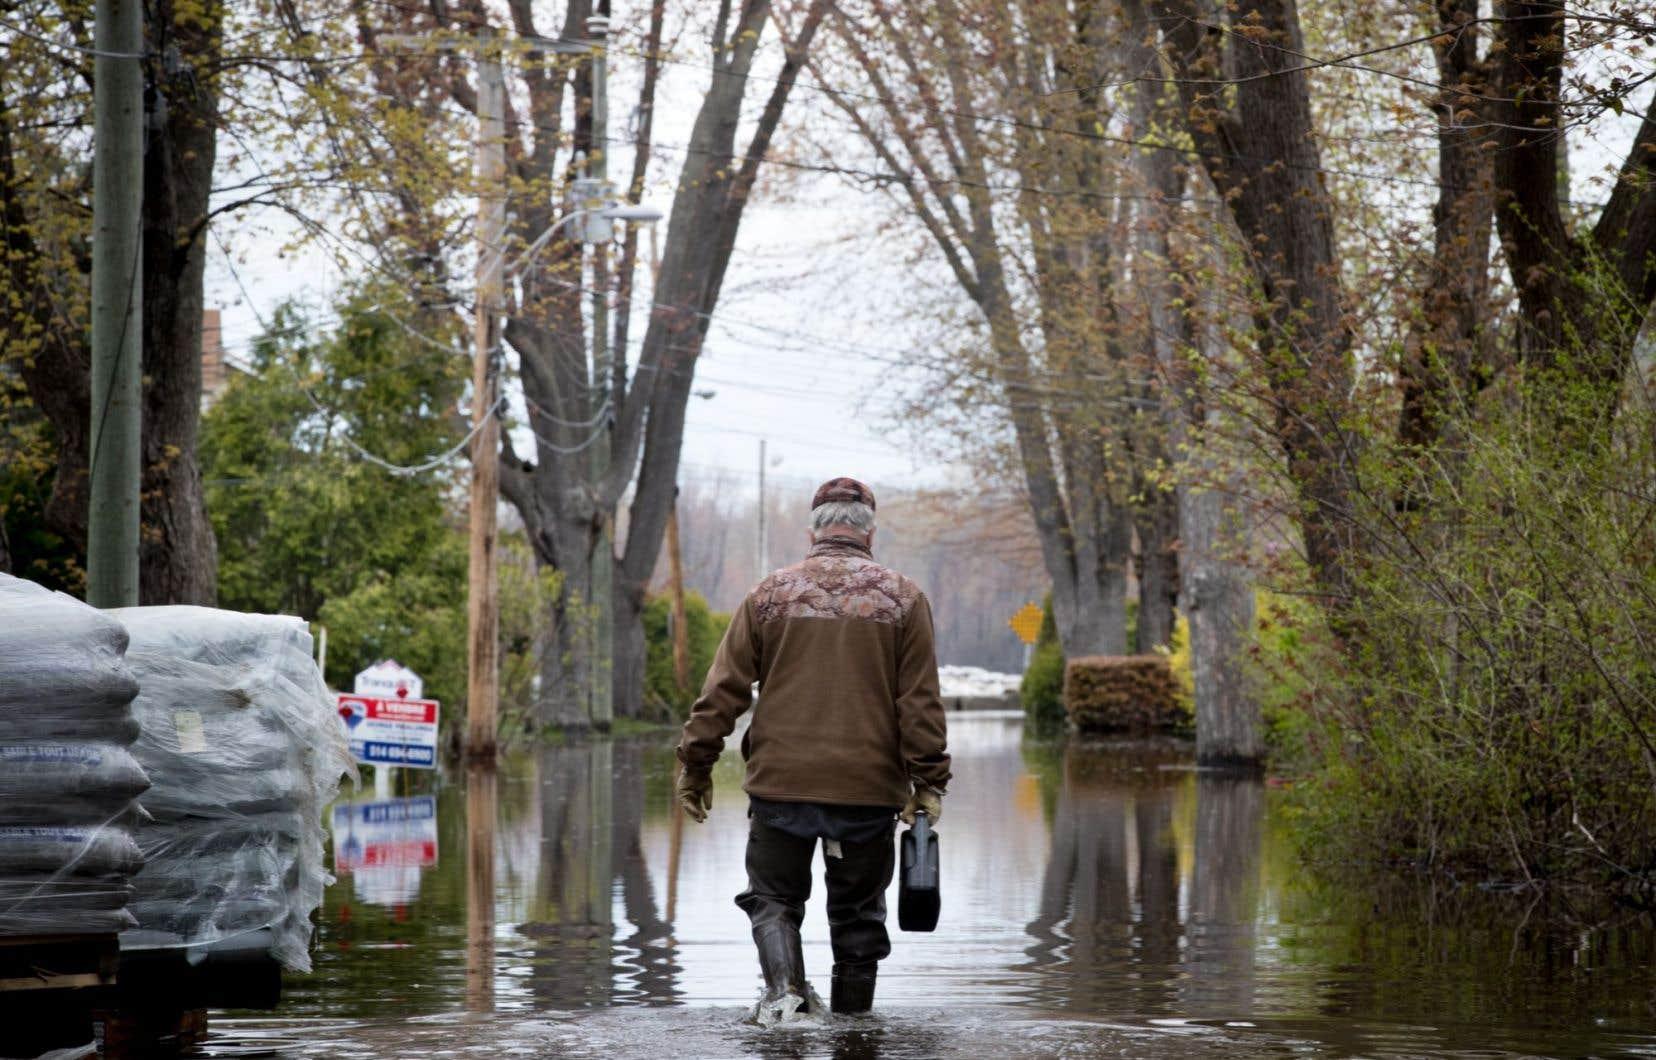 La crue des dernières semaines a causé d'importants dégâts dans plusieurs régions du Québec.